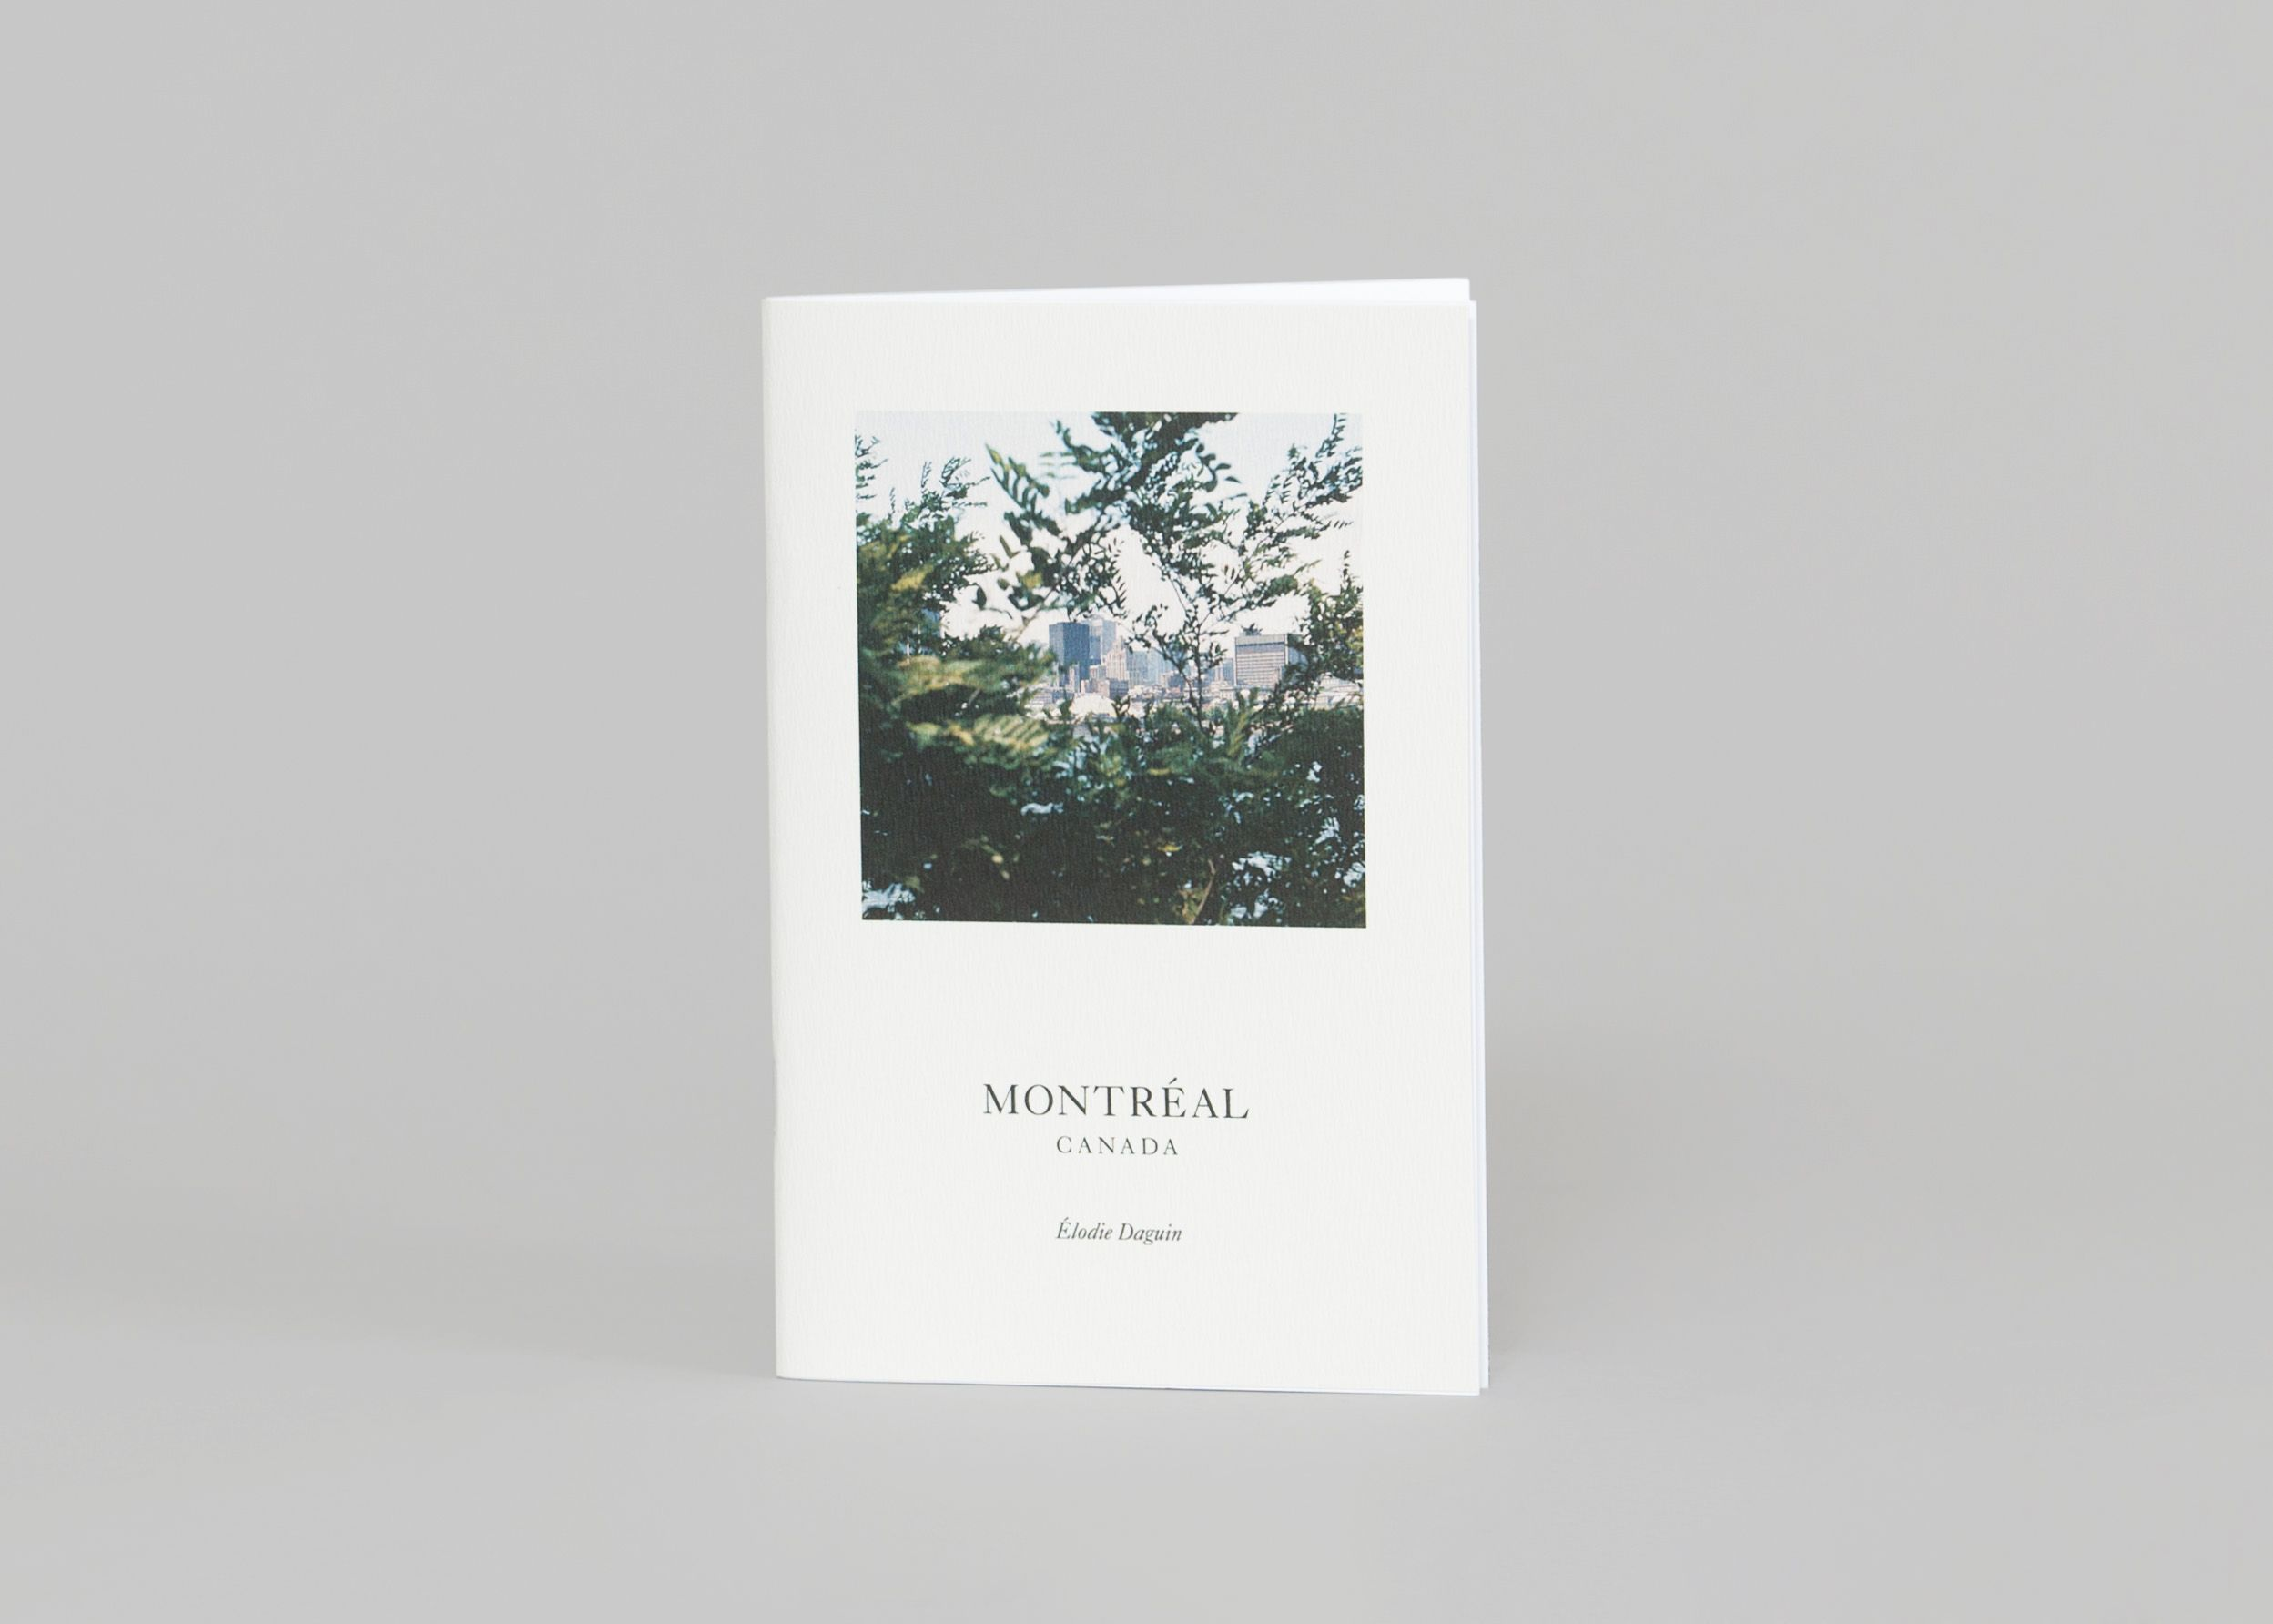 Montréal Album - La Librairie